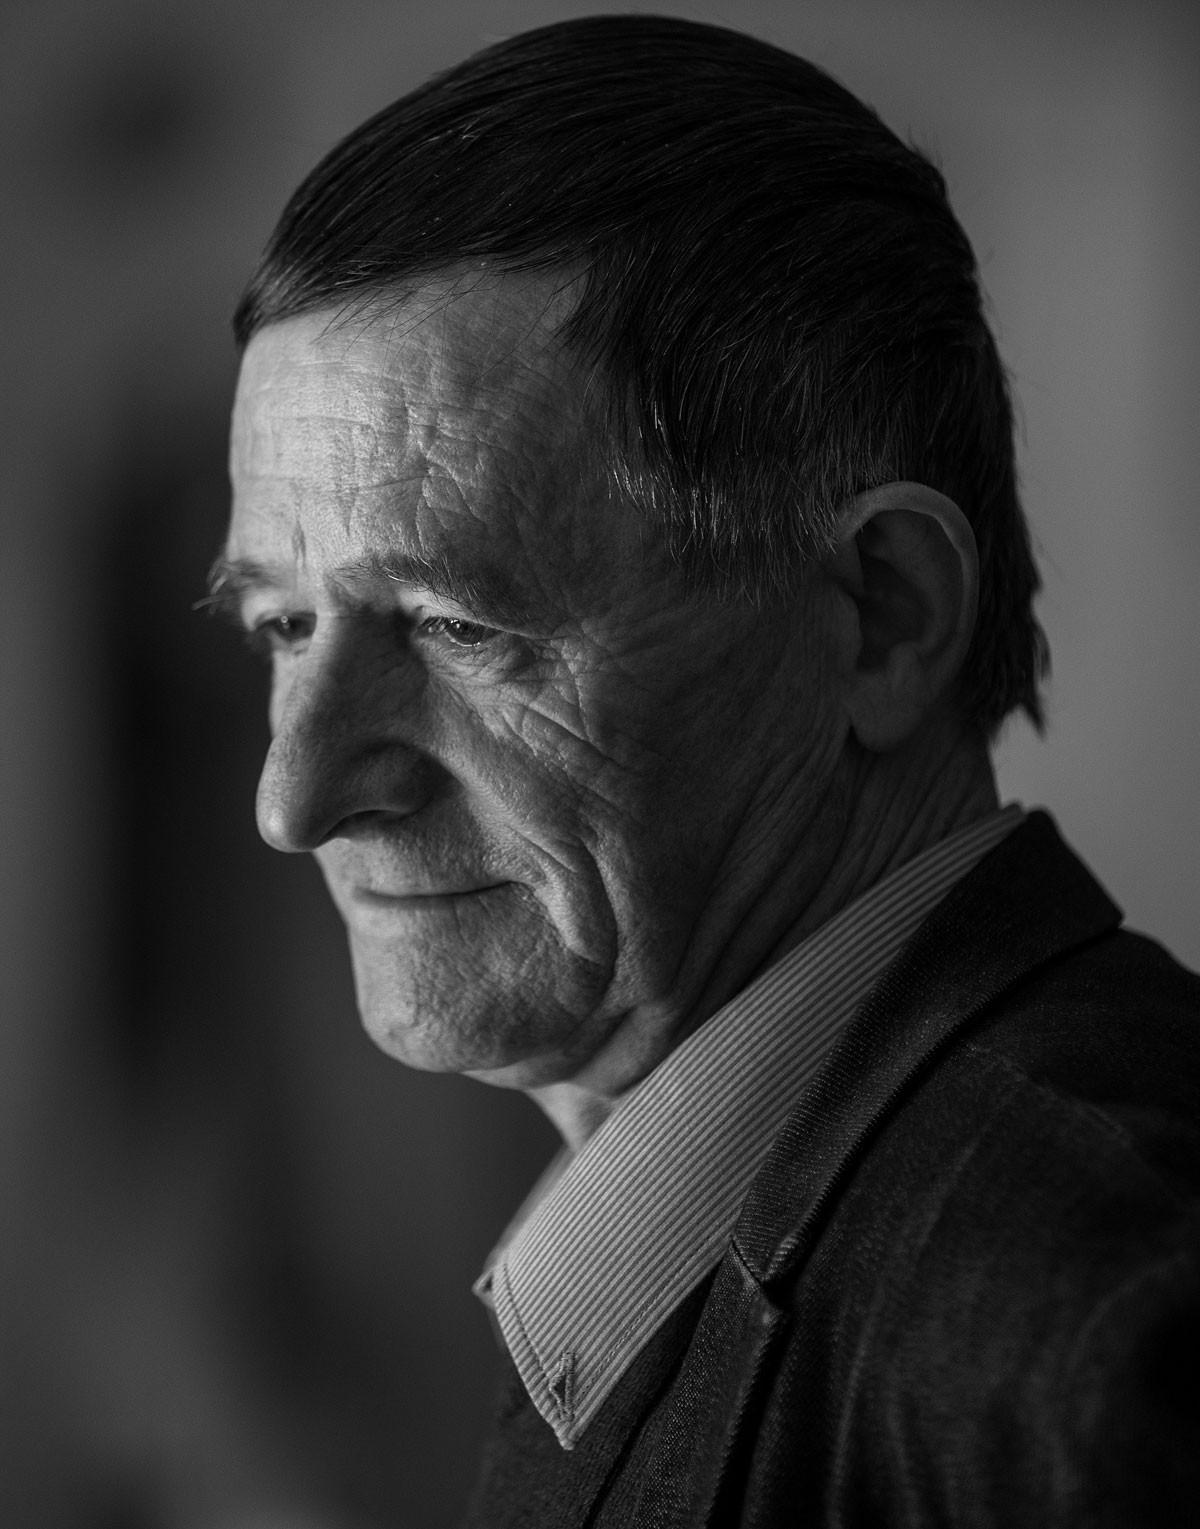 Móser Zoltán: Mindenkinek, akinek vannak gyermekei és unokái, annak a család a fő műve, minden csak azután következik